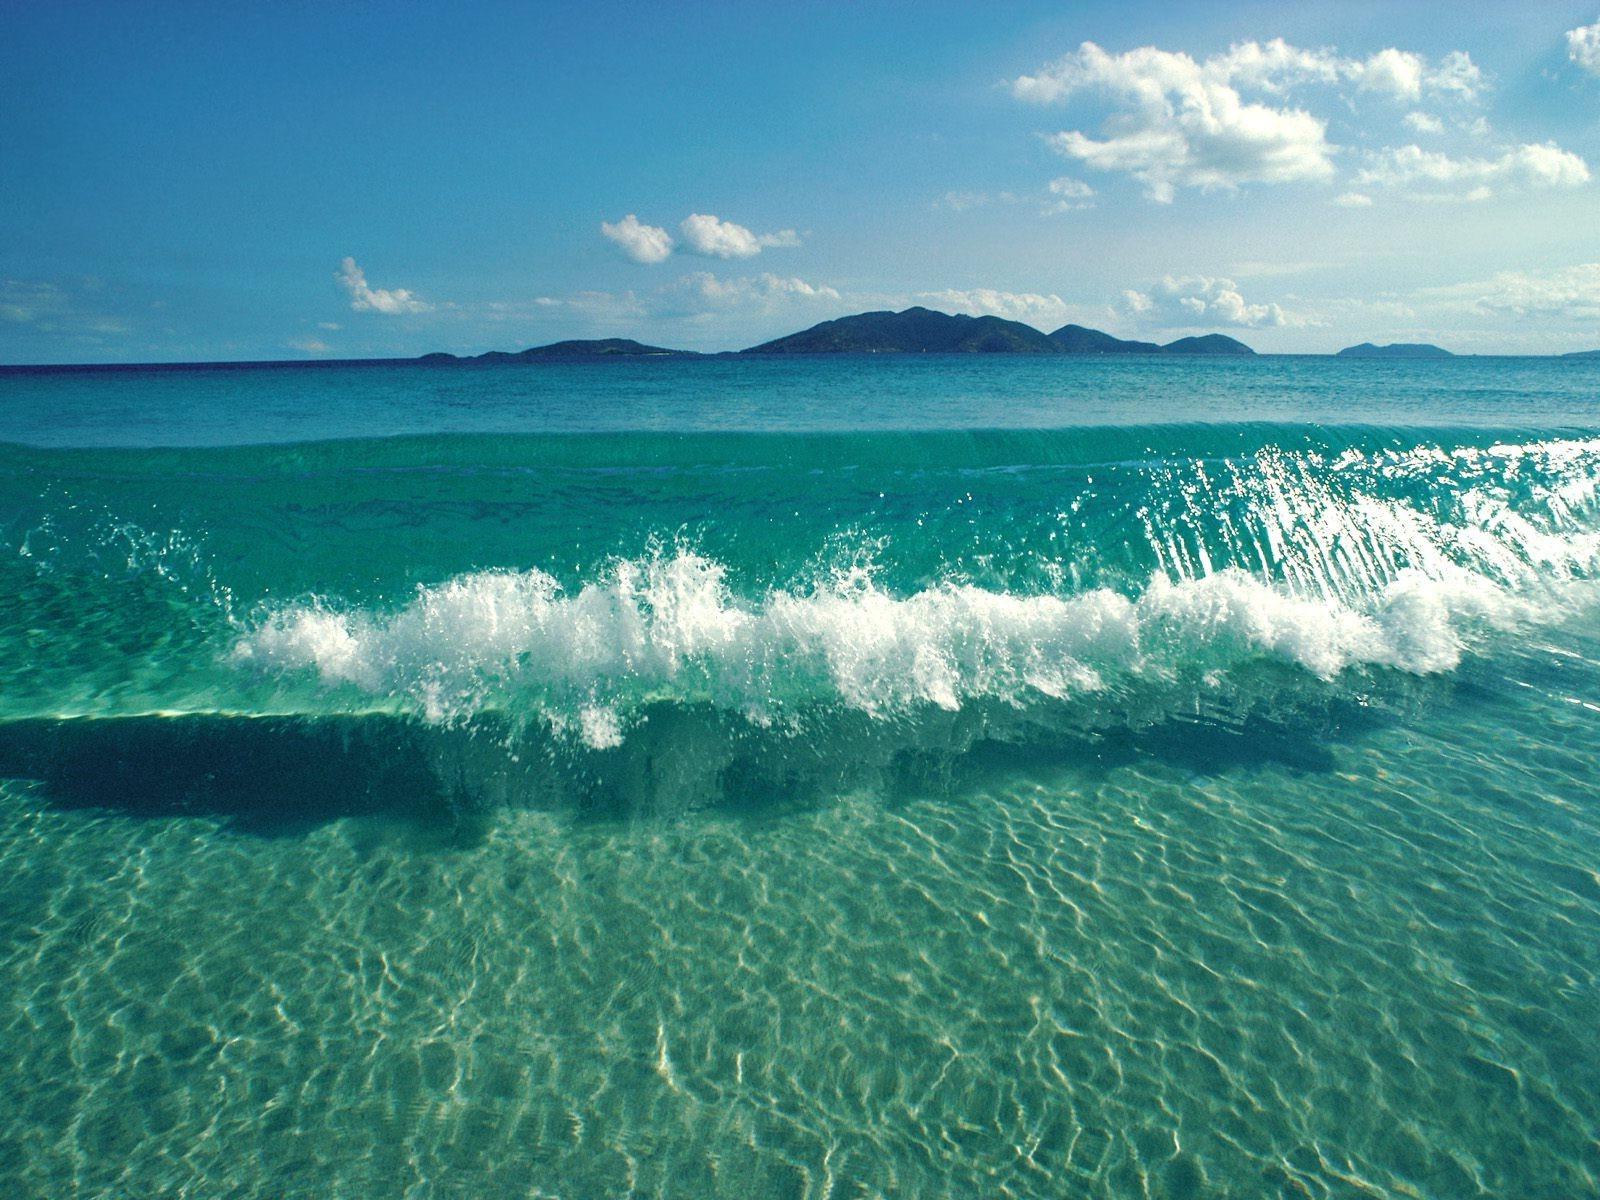 был одной картинки на аву про море всем